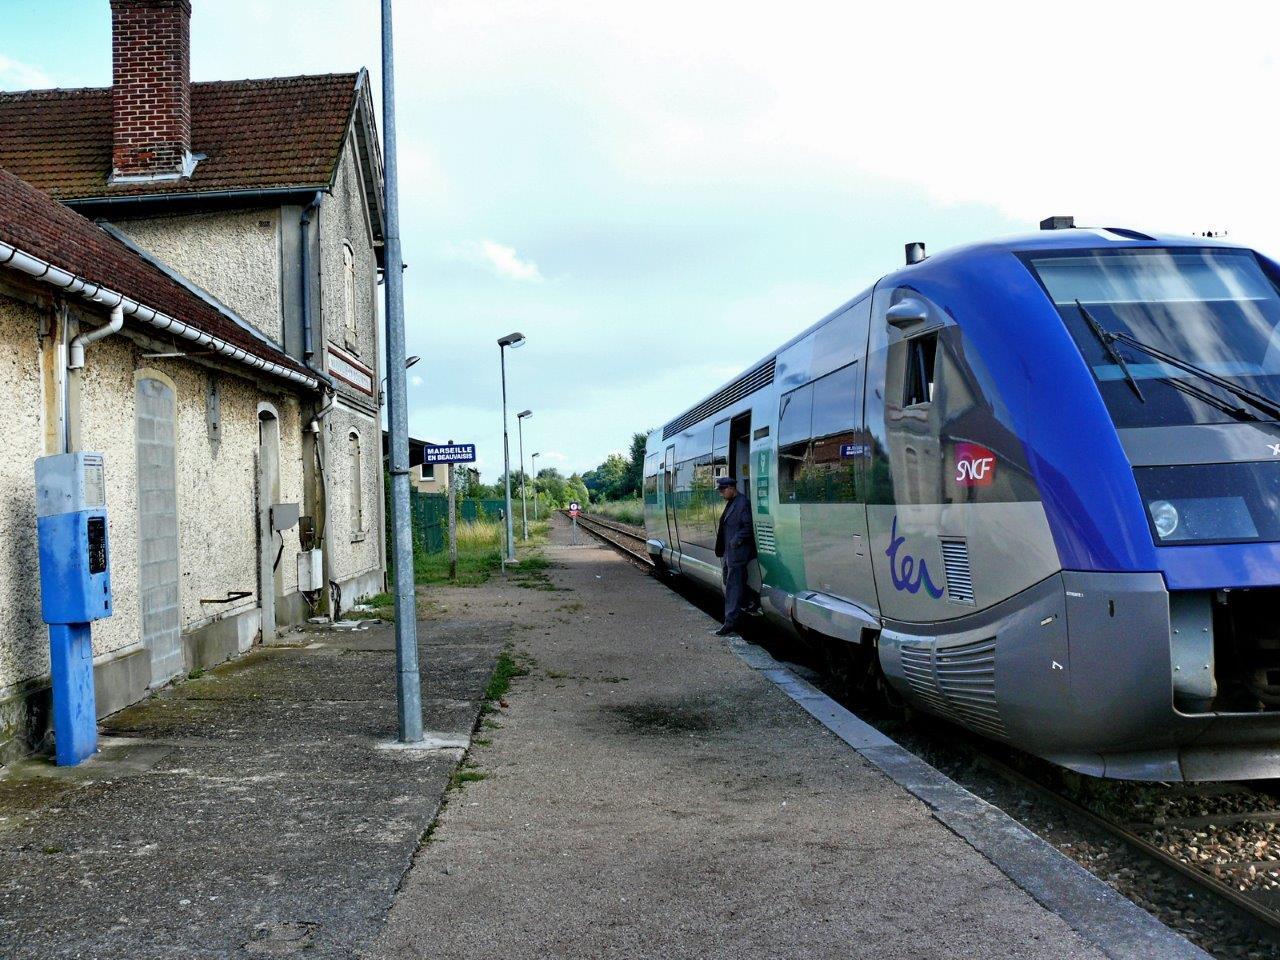 gare-de-marseille-en-beauvaisis-train-station